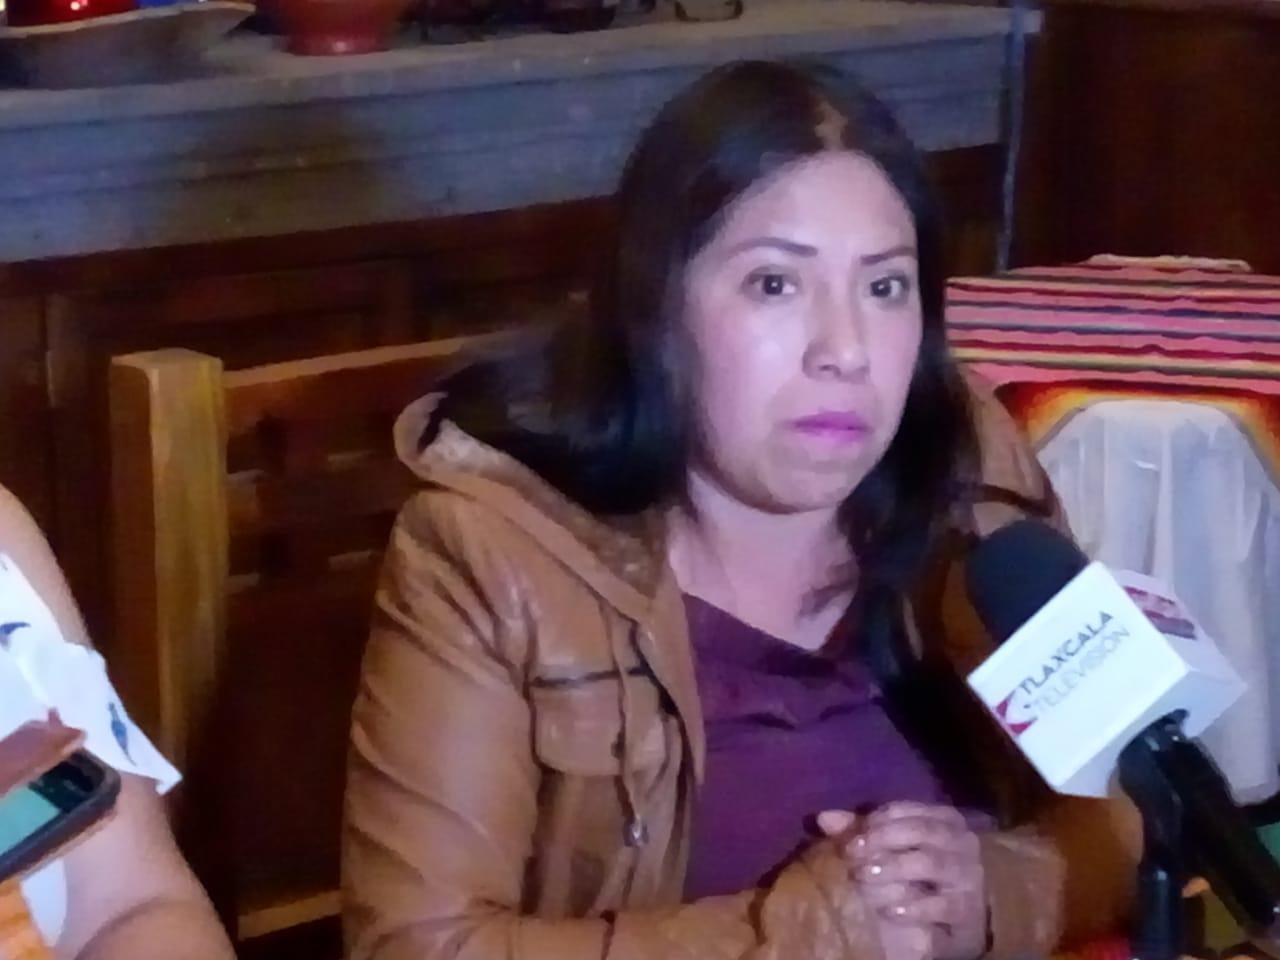 Sobrino de magistrado defiende a violador, acusa victima